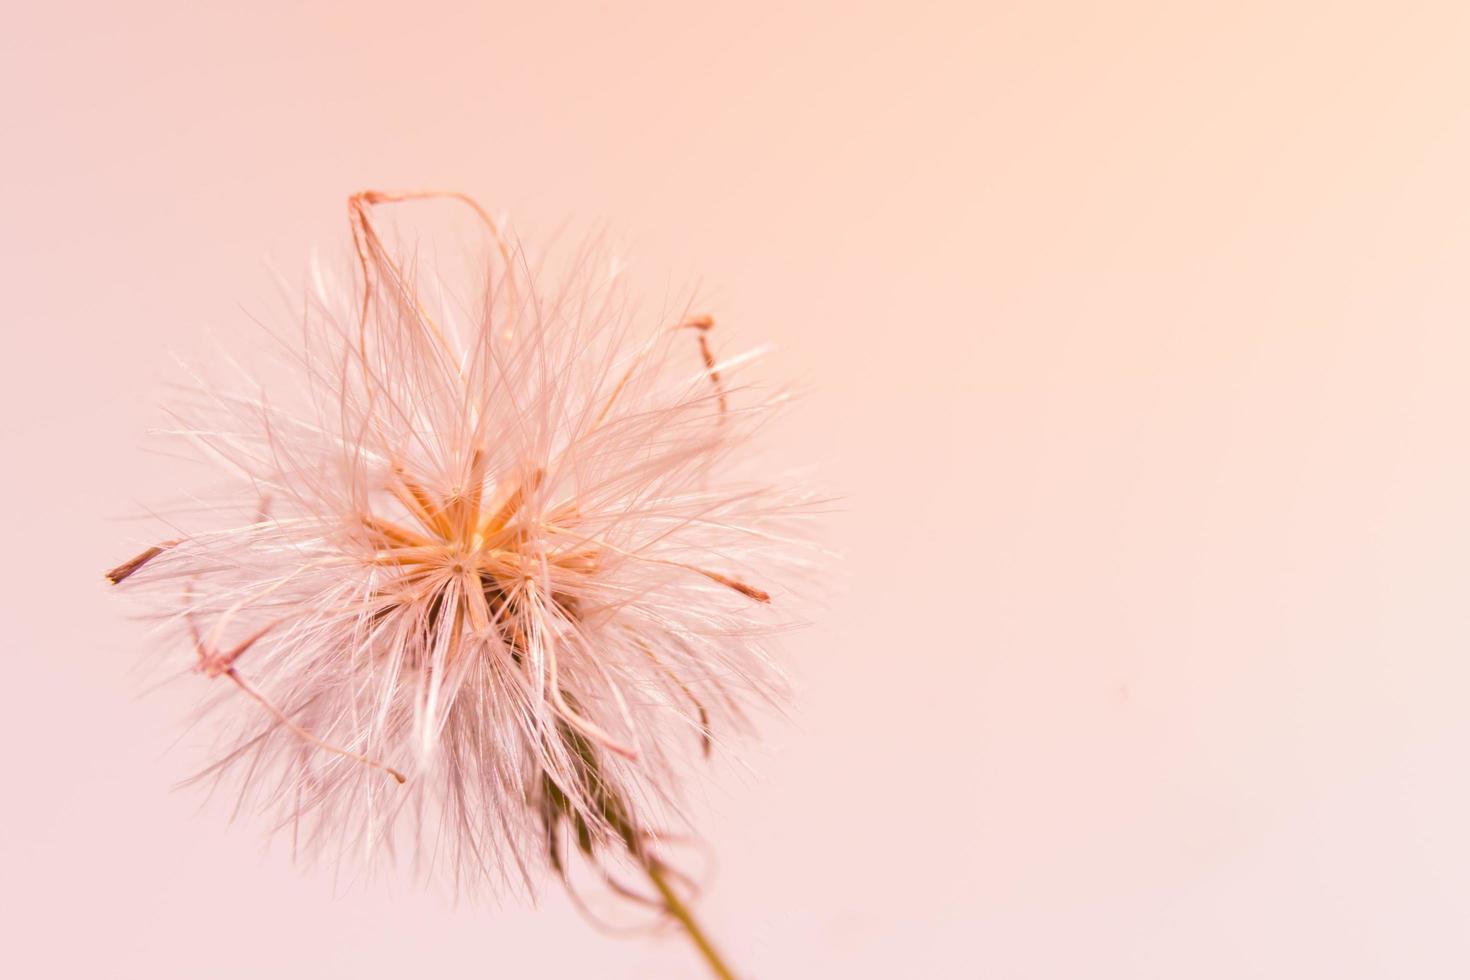 gräs blomma närbild foto